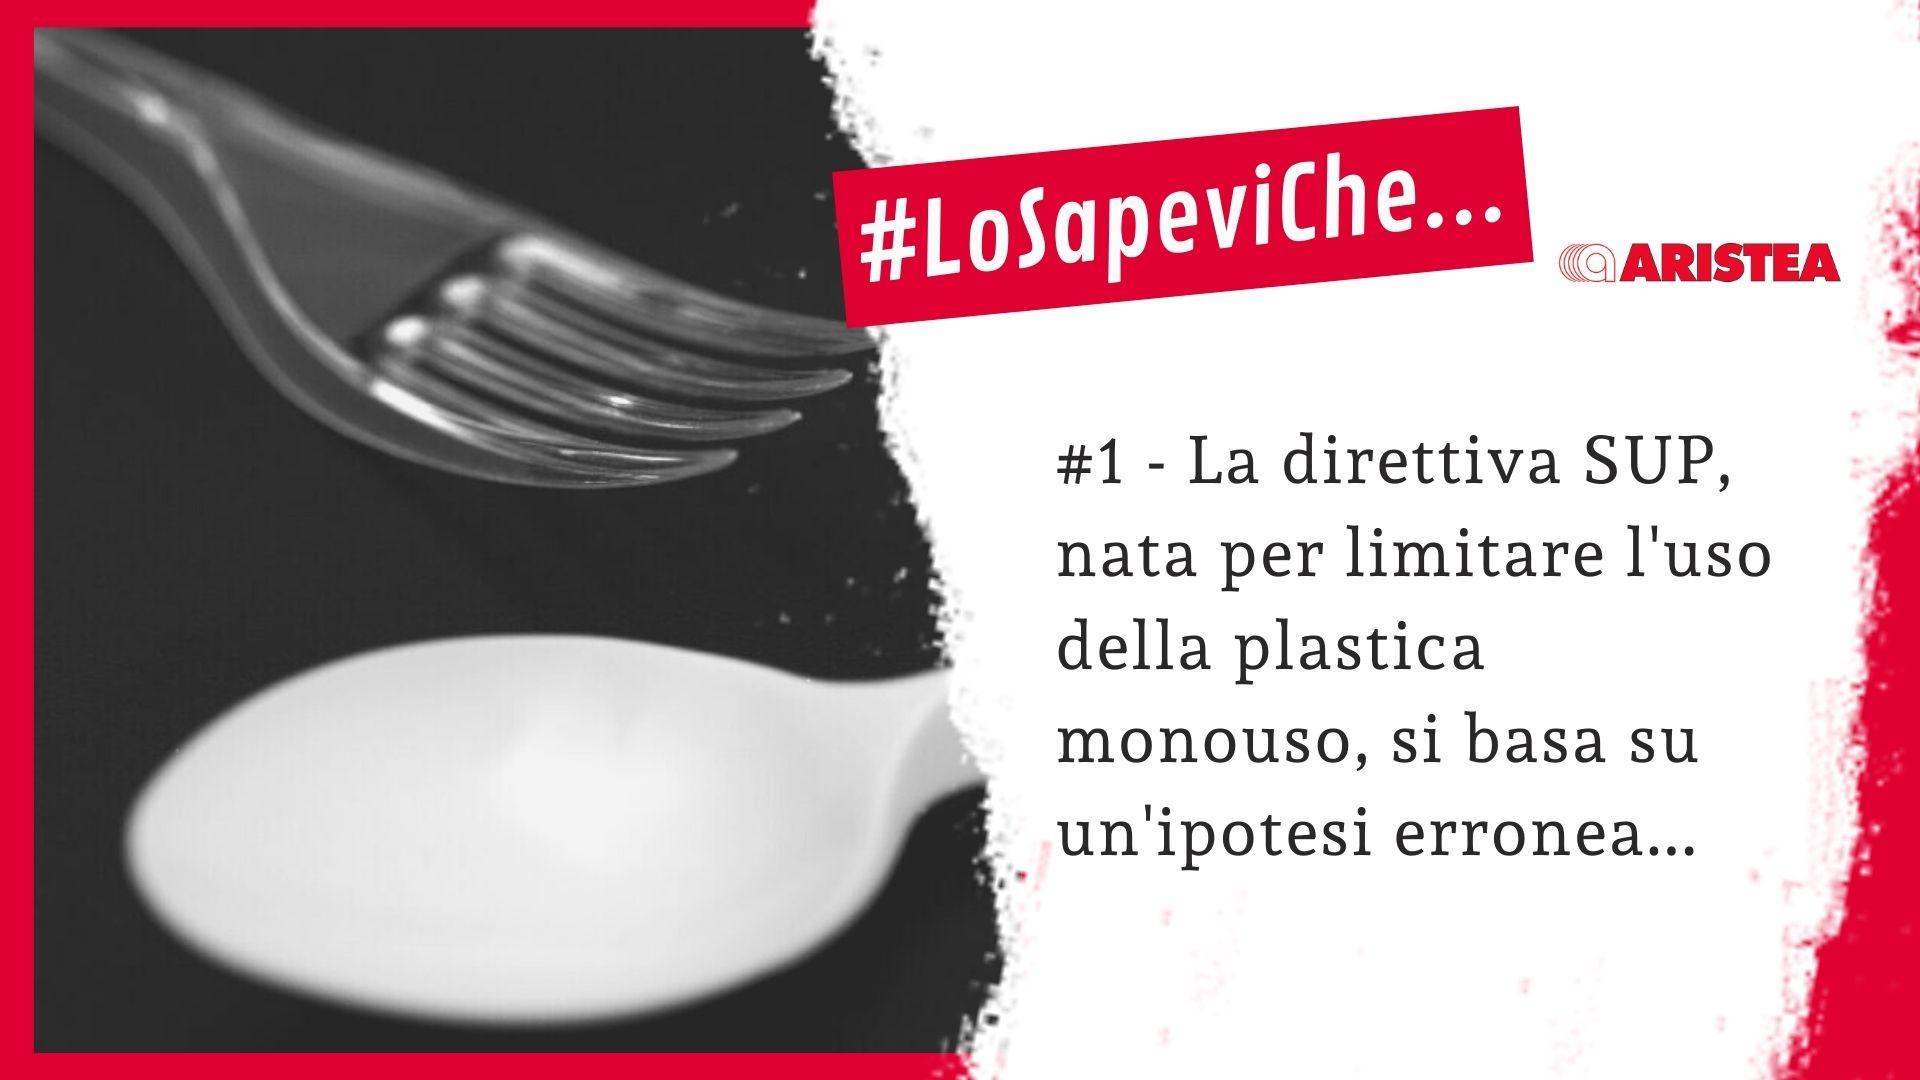 #LosapeviChe... #1